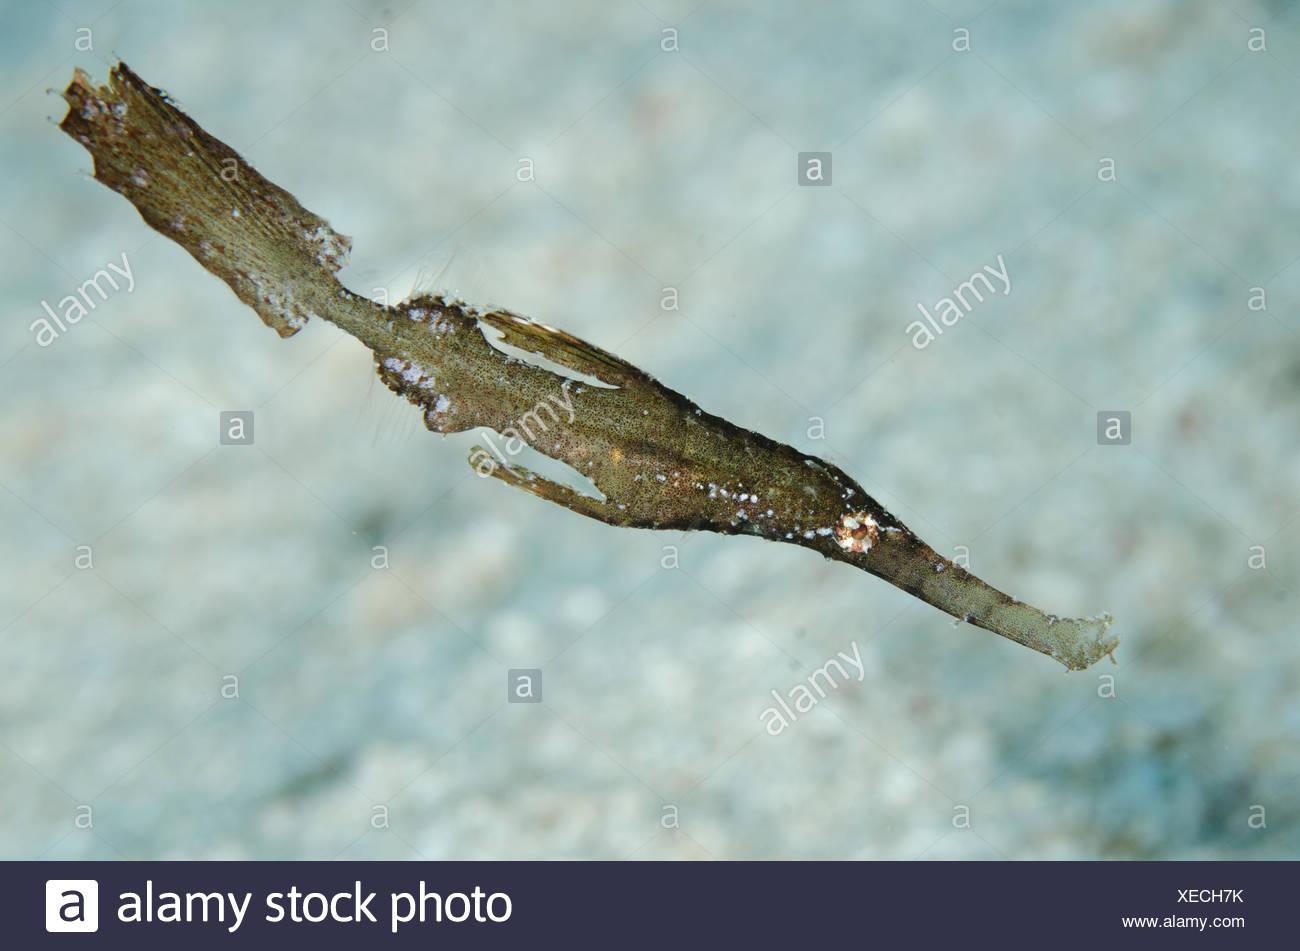 Syngnathe fantôme robuste (Solenostomus cyanopterus), sur le sable, Pelican Reef Dive site, oublié, Wuliaru Island, près de Tanimbar, Mer de Banda, Indonésie Photo Stock